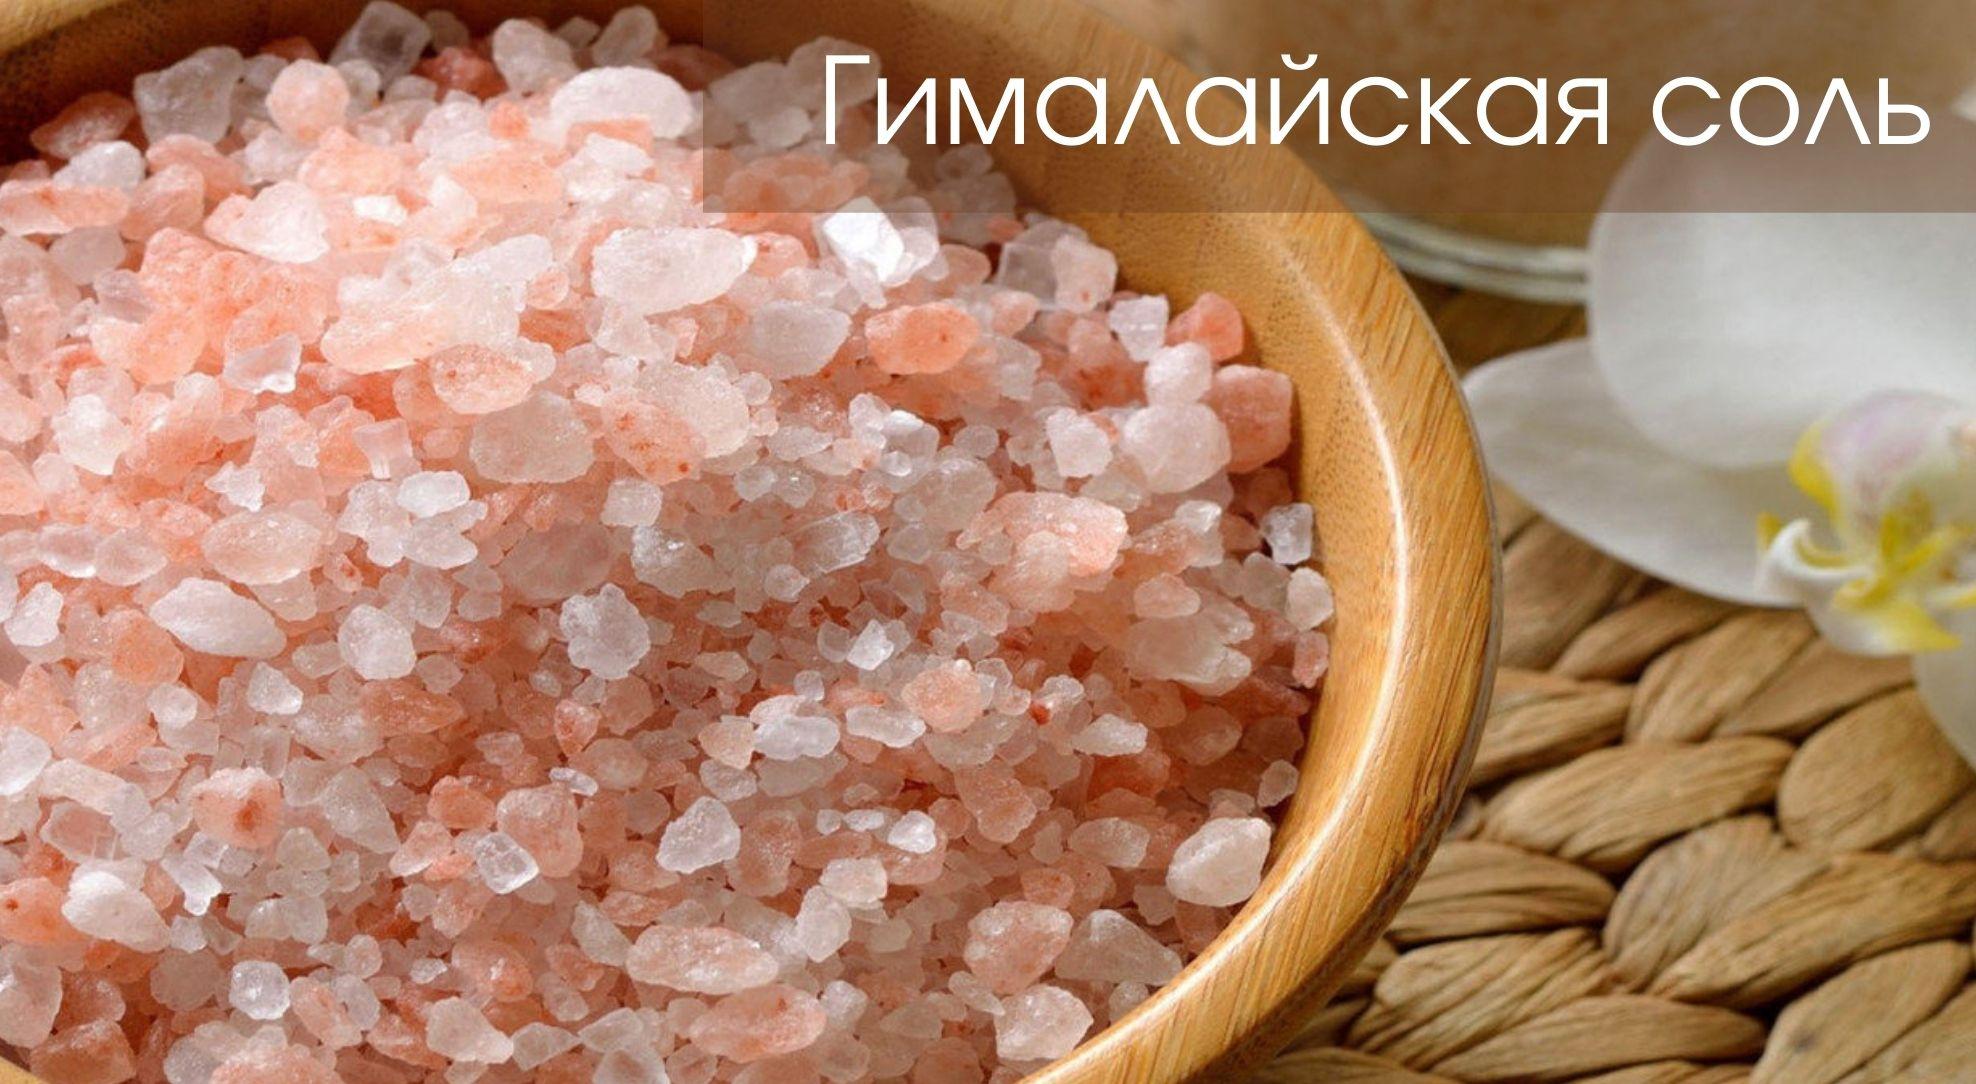 Чем на самом деле полезна гималайская соль?